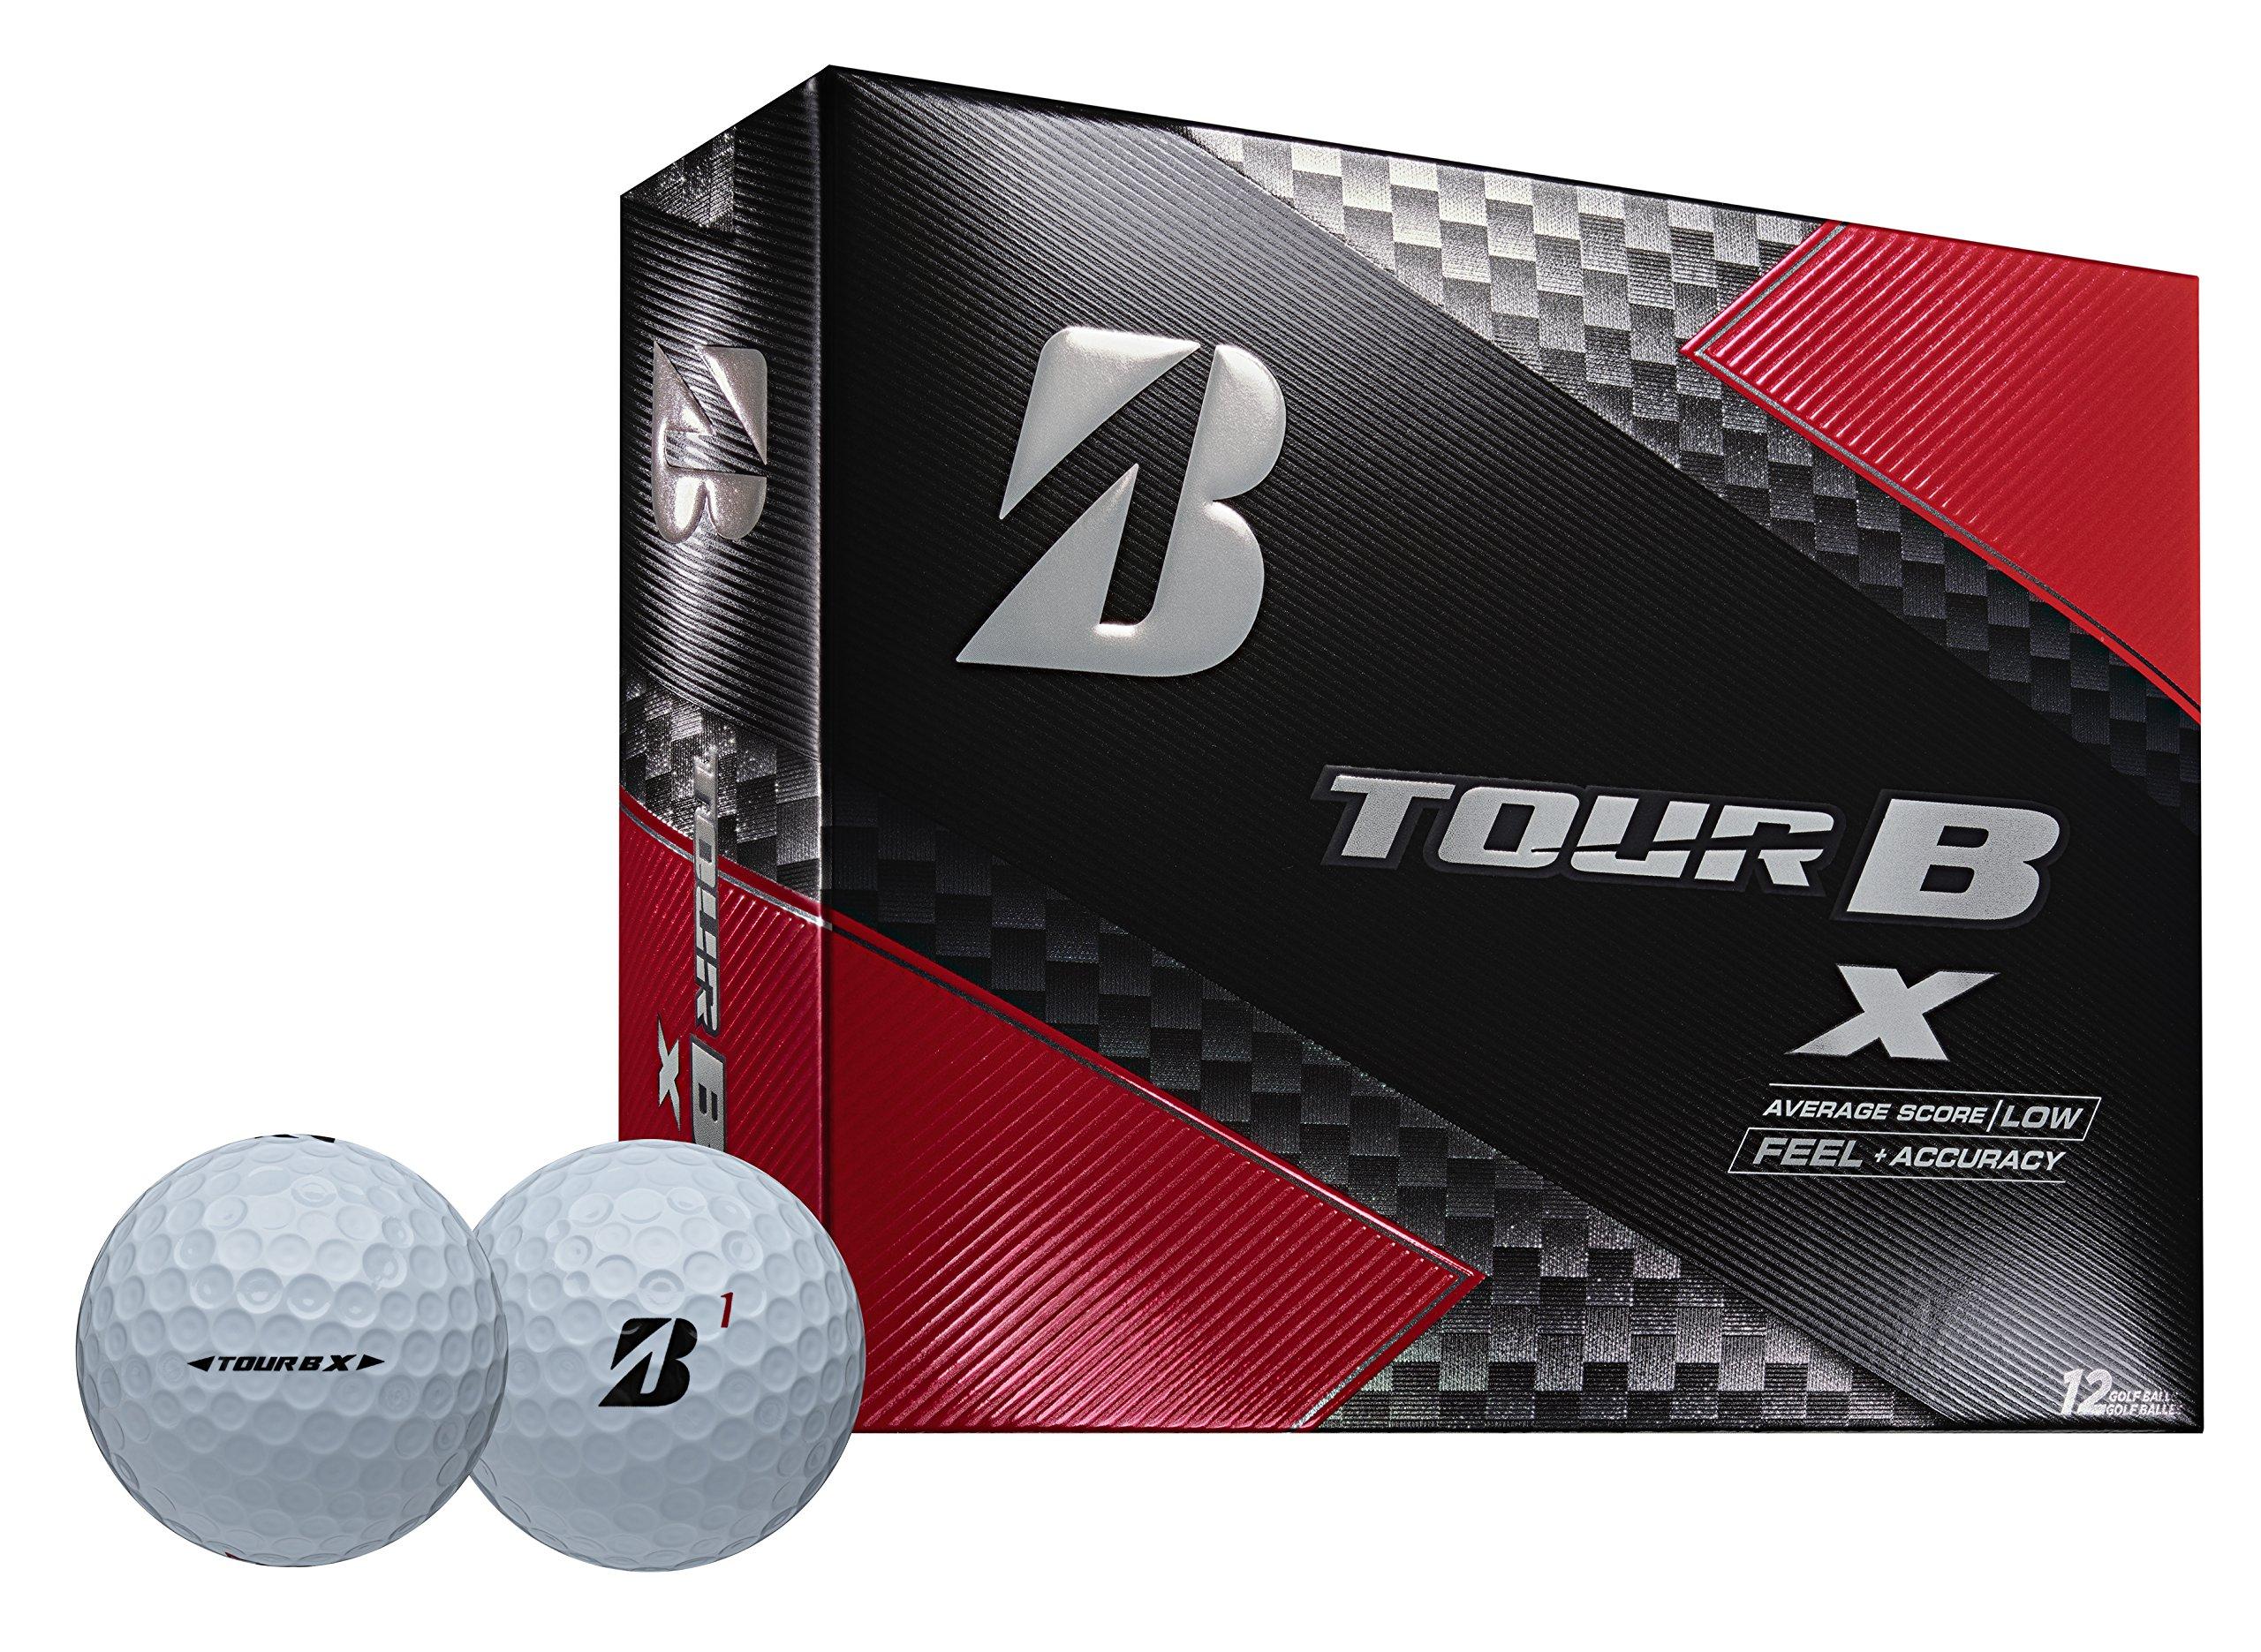 Bridgestone Golf Tour B X Golf Balls, White (One Dozen)